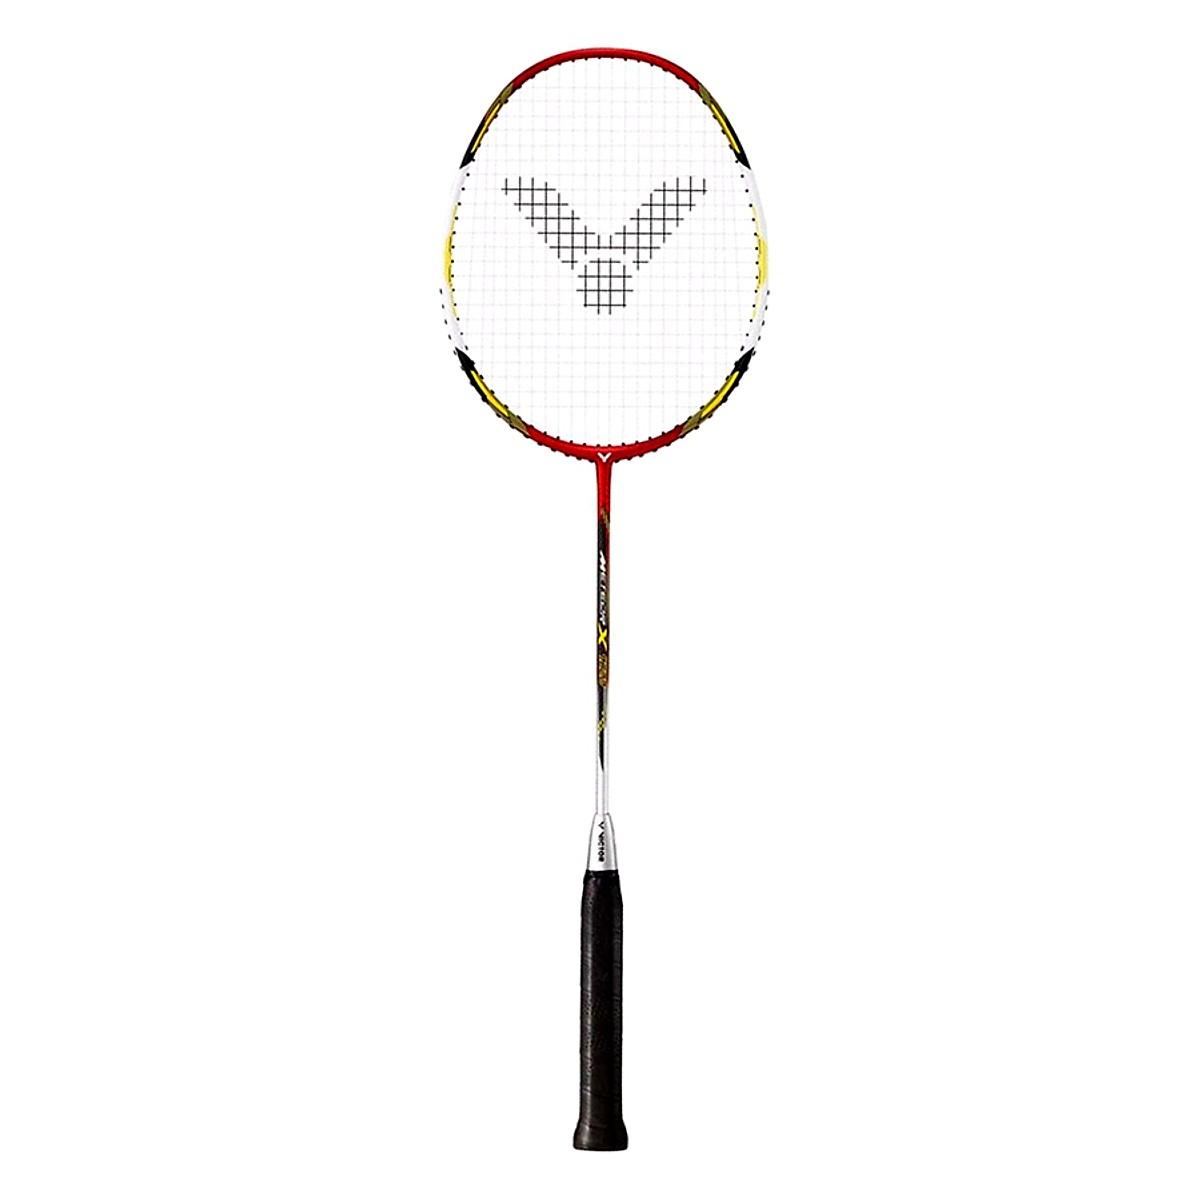 Tiêu chuẩn chọn mua vợt cầu lông nào tốt nhất cần biết 5